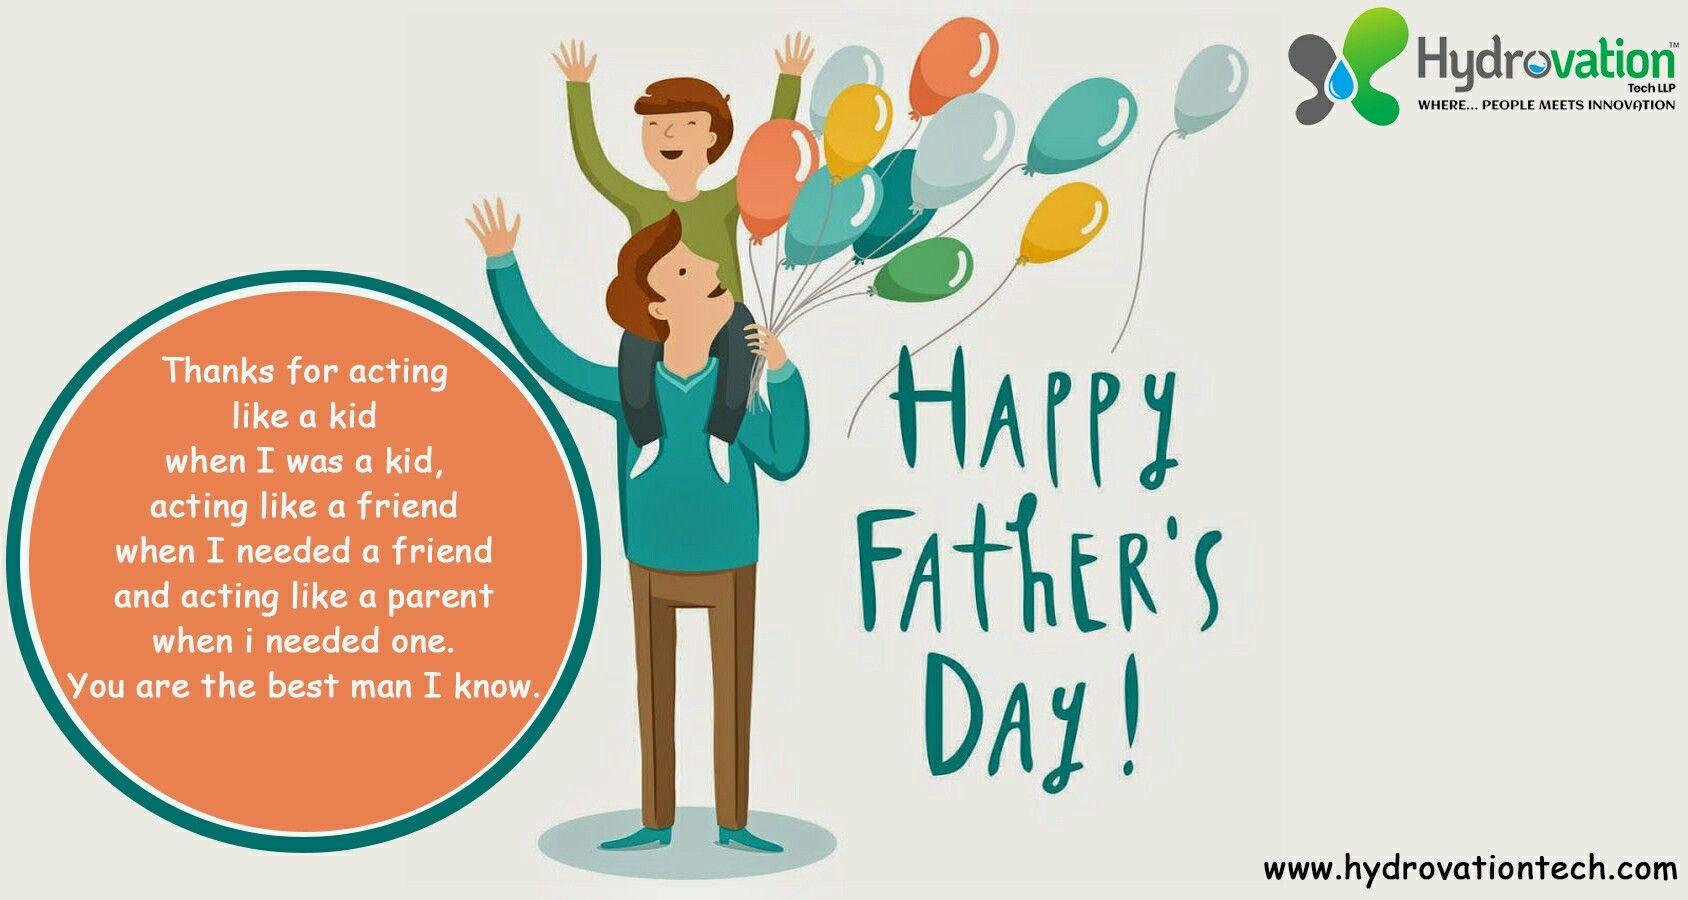 Fathersday fathersday2019 happyfathersday